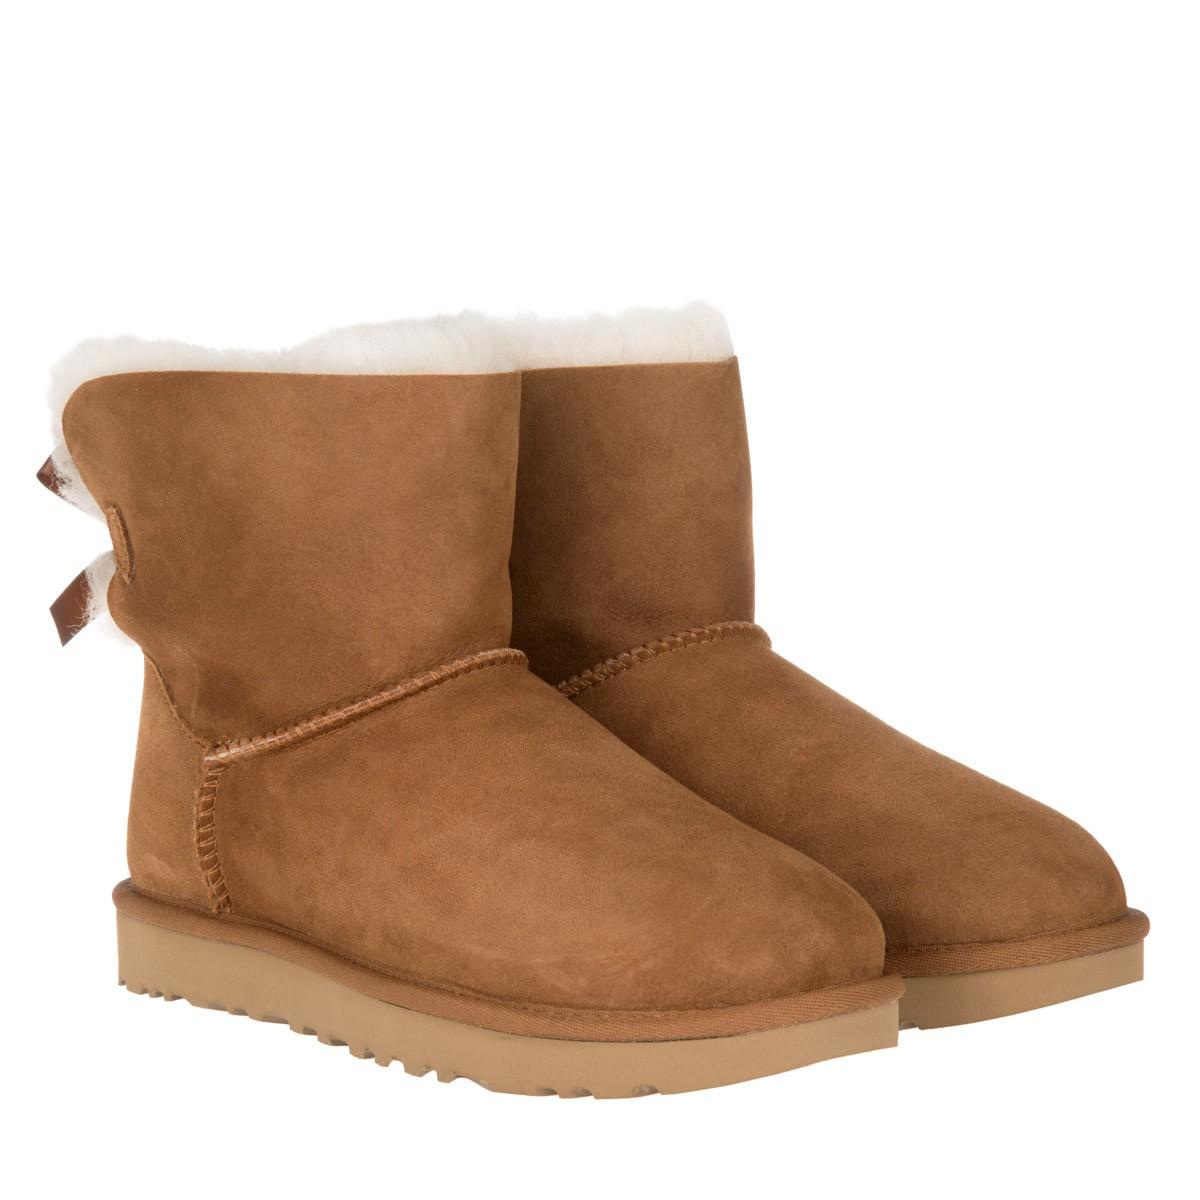 Laarzen & Laarsjes Goedkoop Prijs Topkwaliteit Koop Van Nederland Beste Plek Te Koop Verkoop Collecties CnX8b